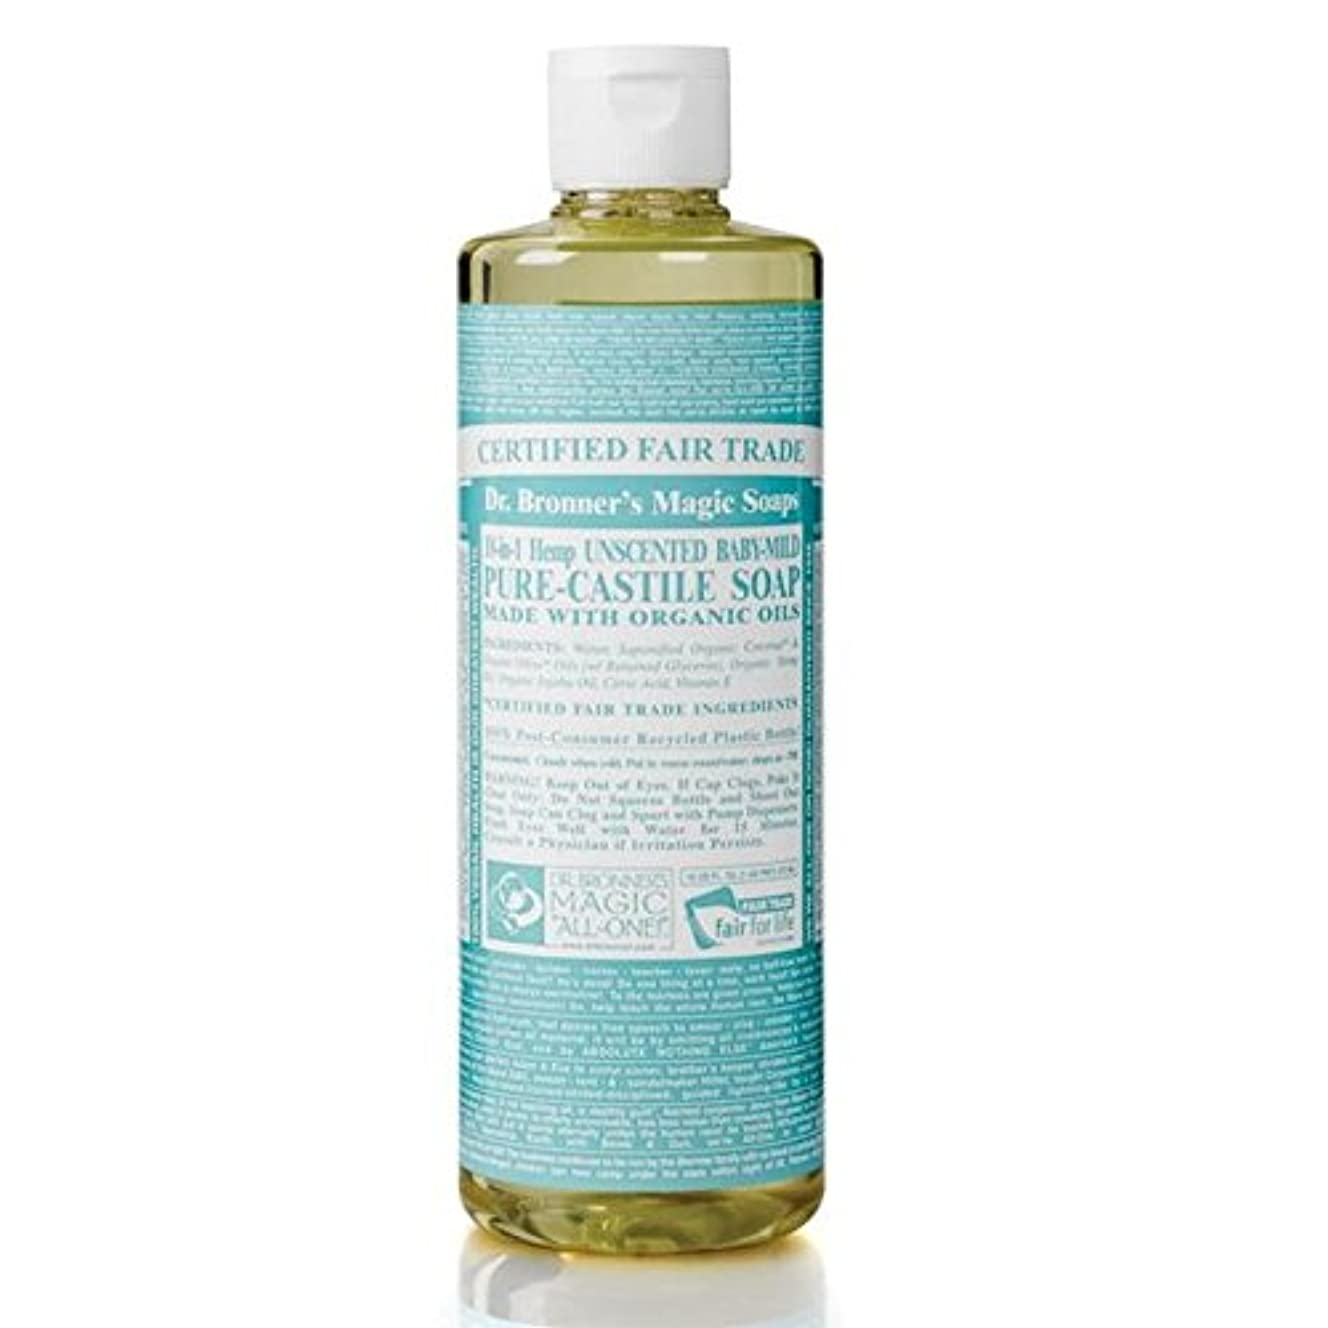 読書をする不合格スコアDr Bronner Organic Baby Mild Castile Liquid Soap 473ml (Pack of 6) - のブロナーオーガニックベビーマイルドなカスティーリャ液体石鹸473ミリリットル x6 [並行輸入品]